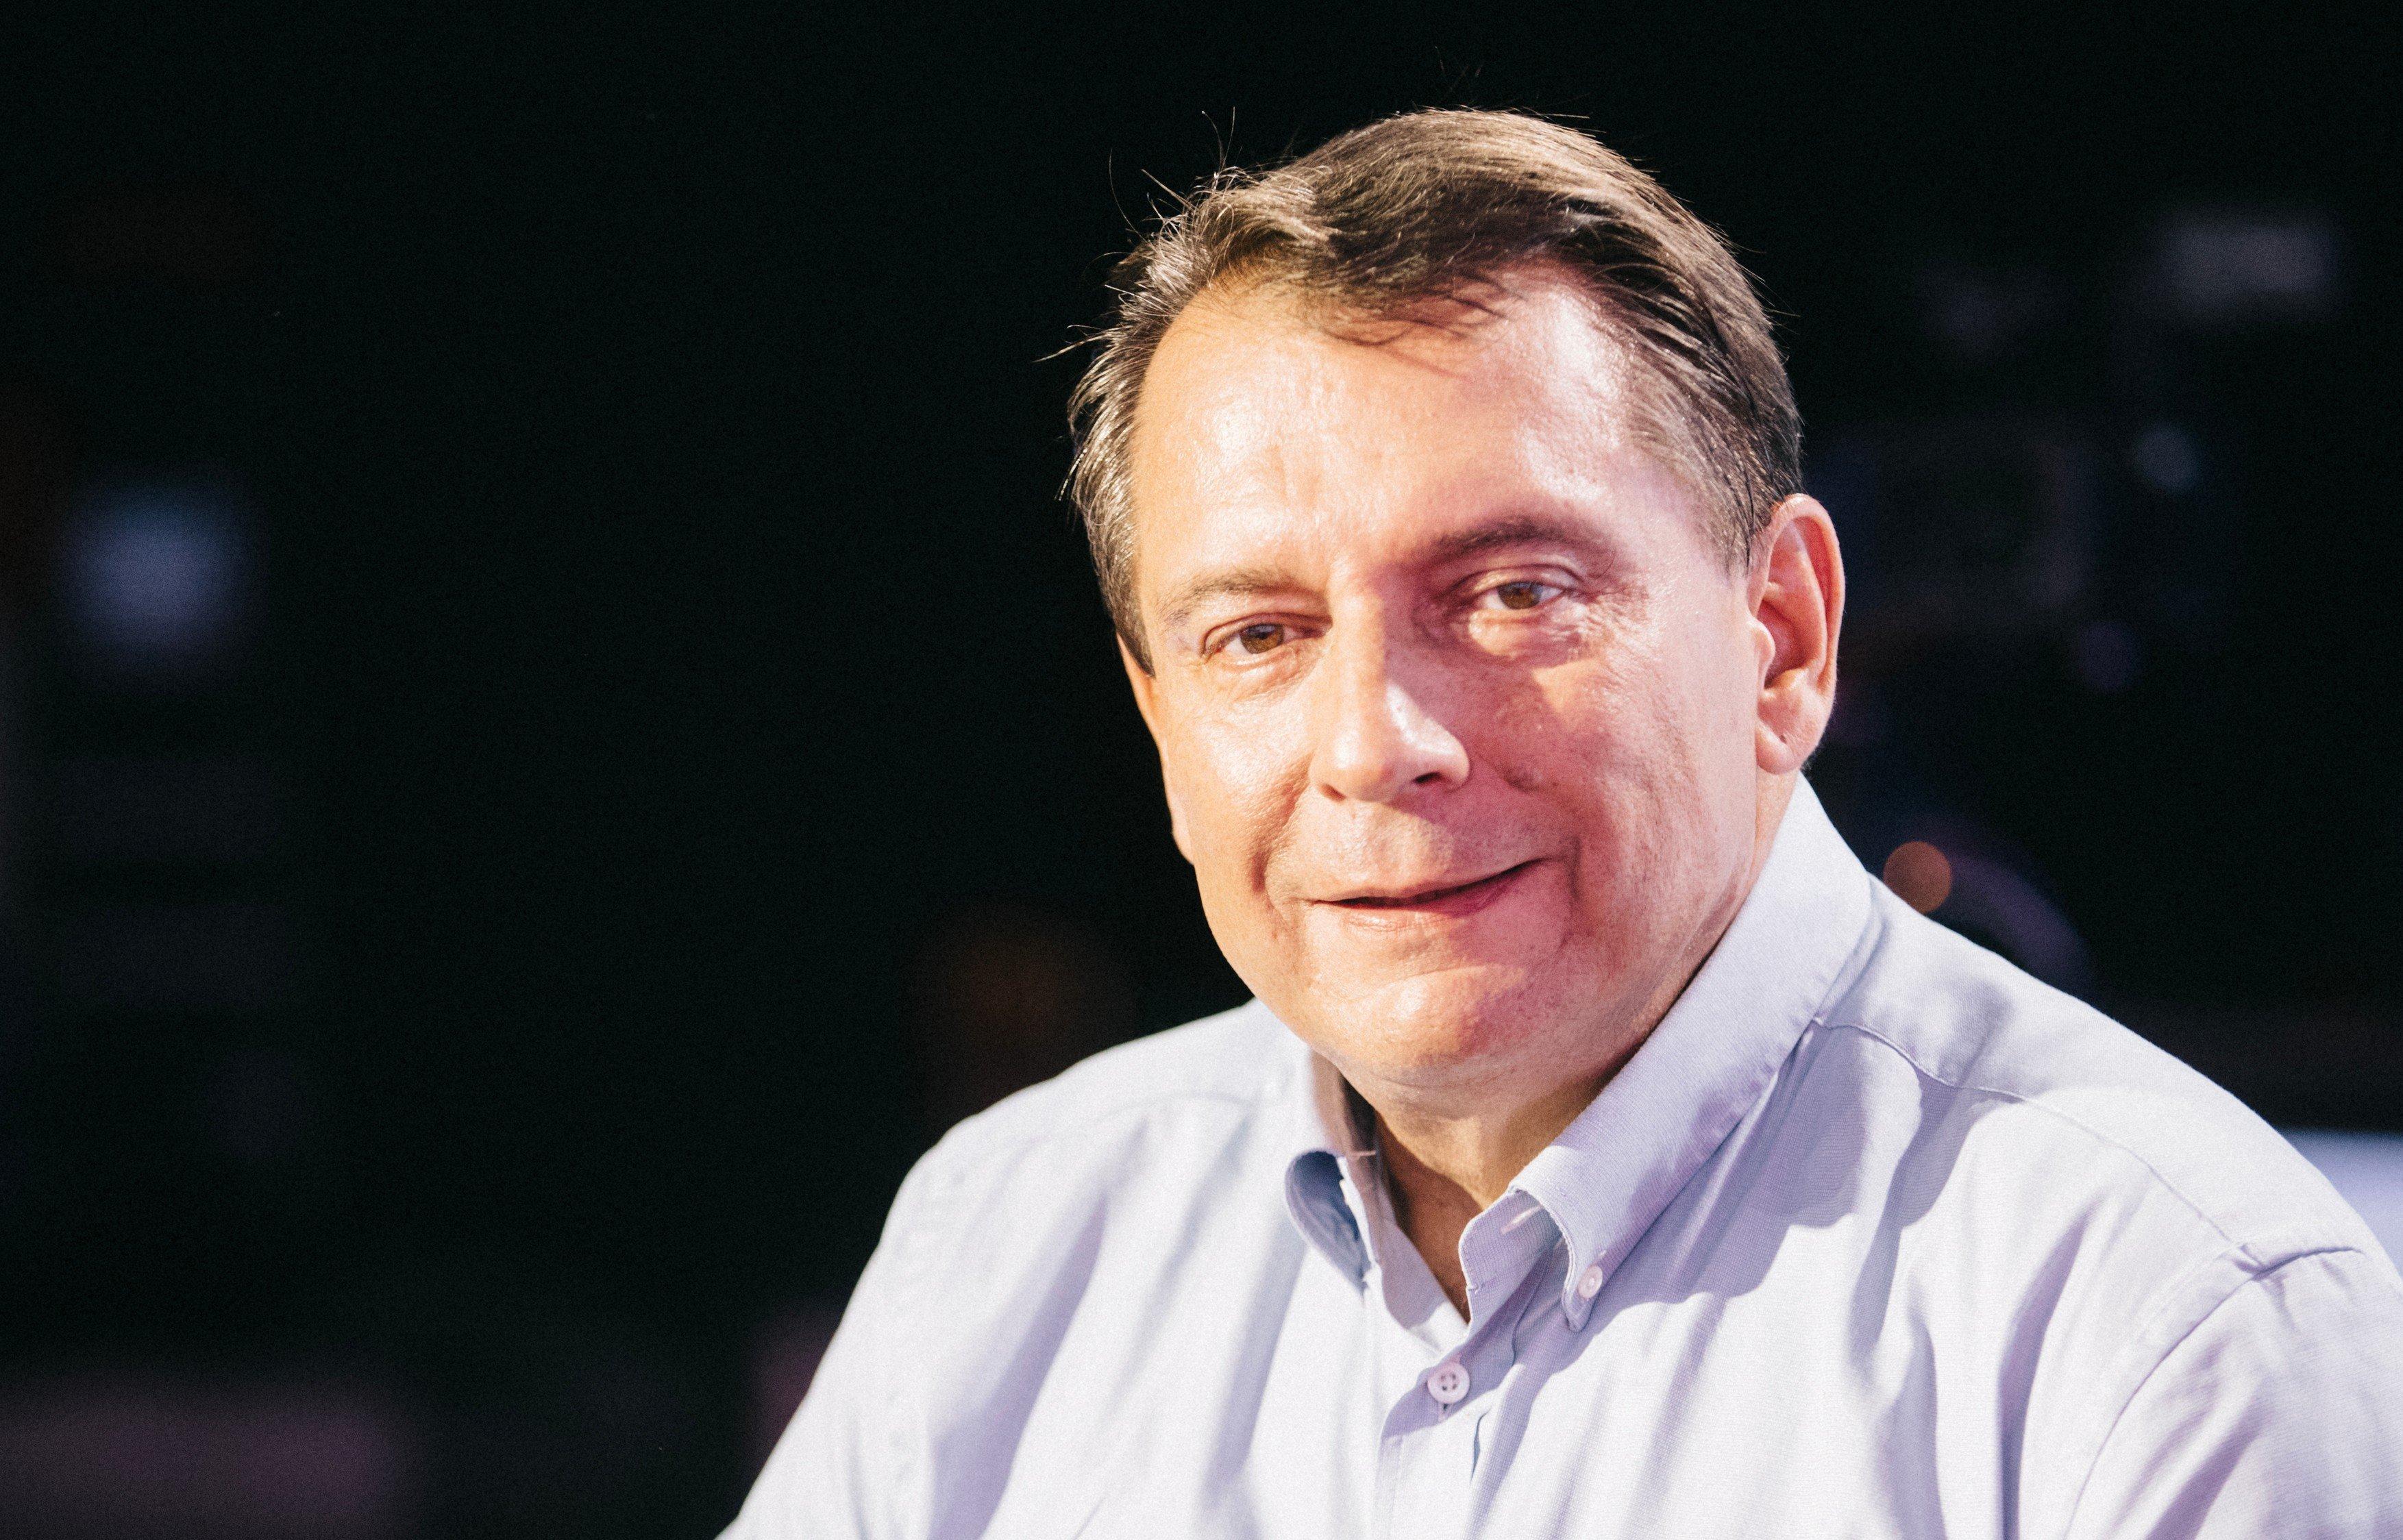 Expremiér za ČSSD Jiří Paroubek kandiduje do Senátu s podporou ostravských sociálních demokratů